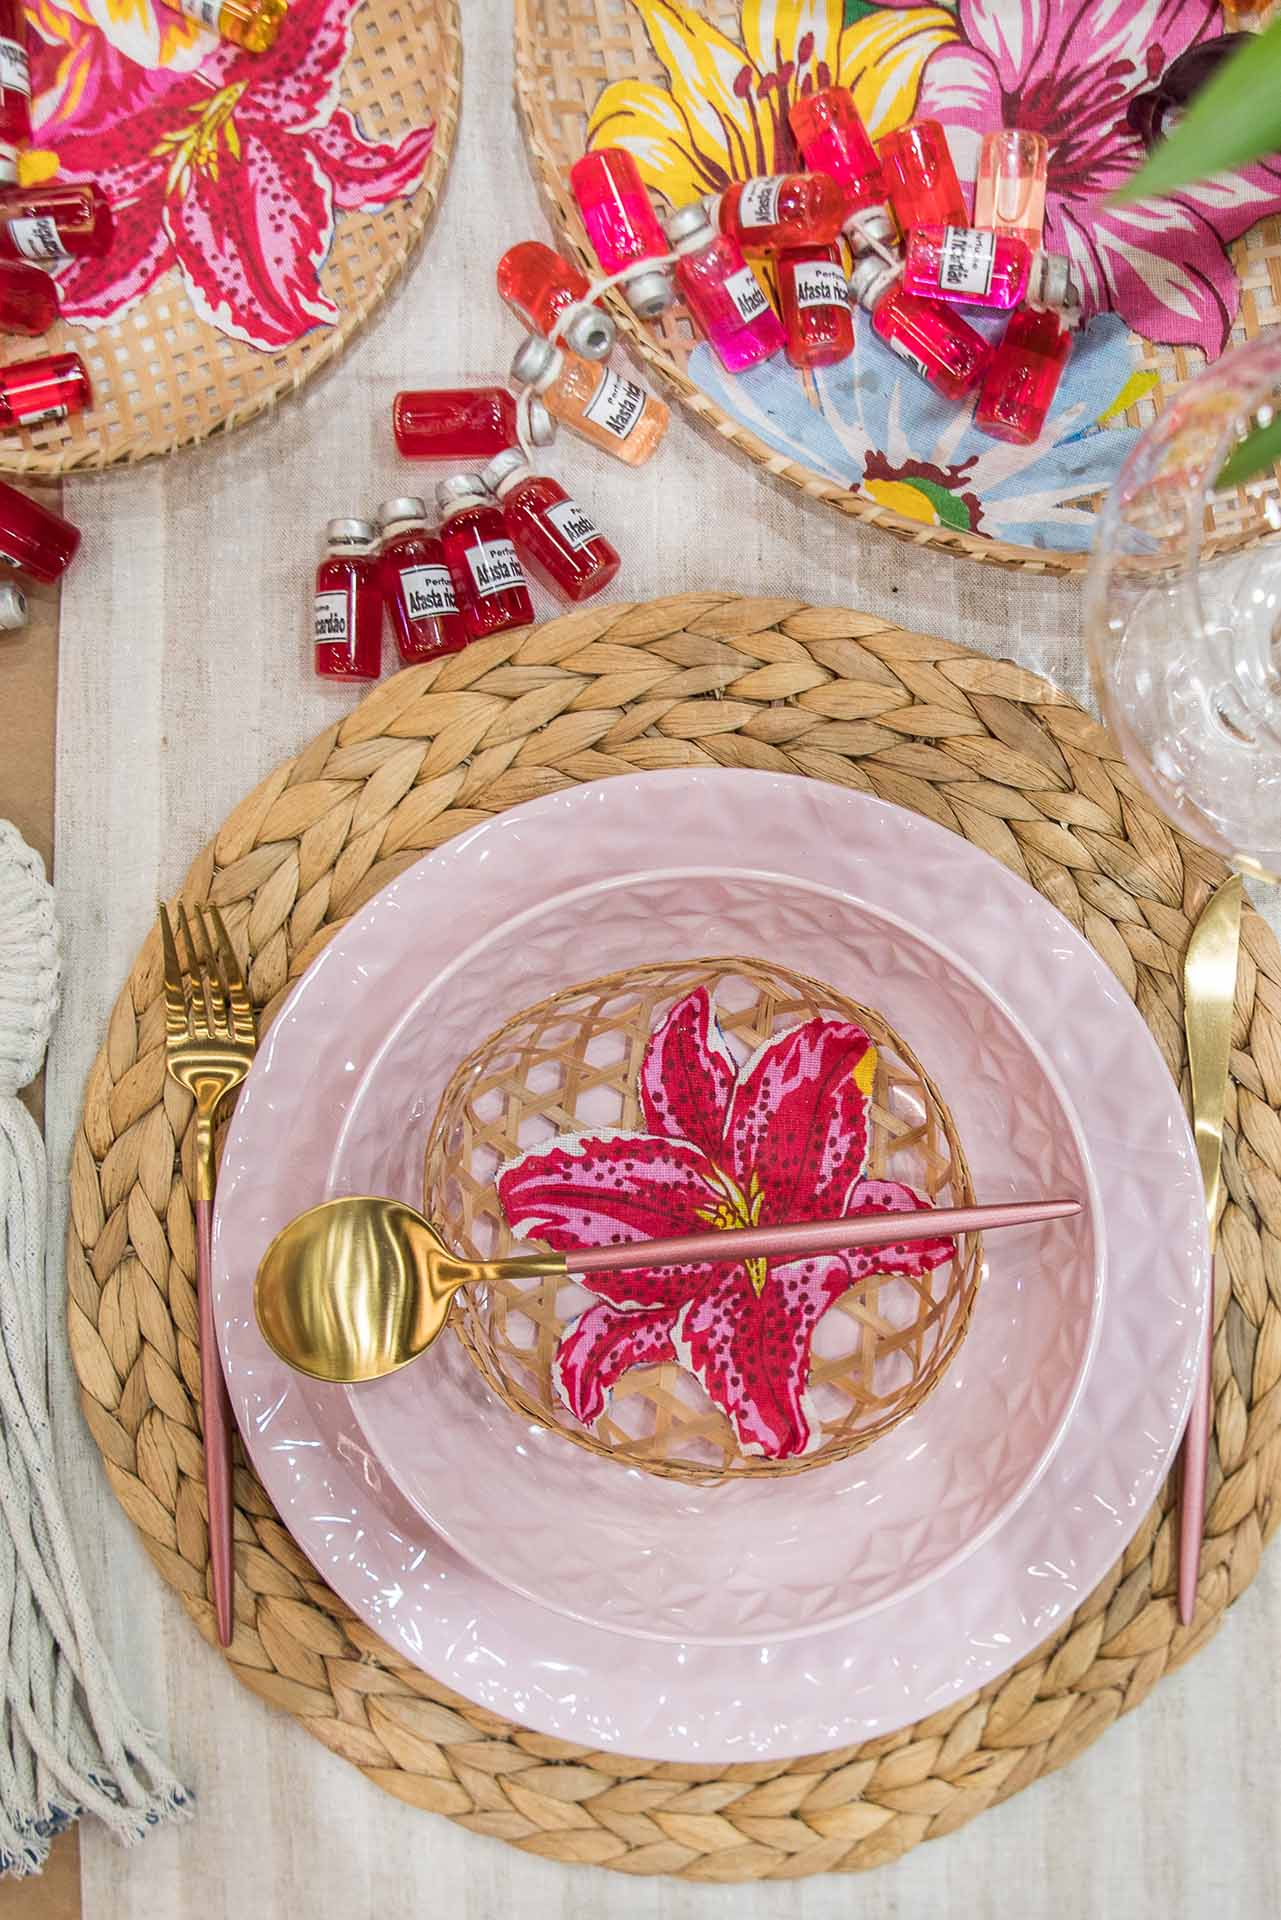 Texto: Os pratos da coleção Mia Quartzo e os talheres Madame da Oxford complementam a originalidade dessa mesa posta. Foto: Henrique Peron.